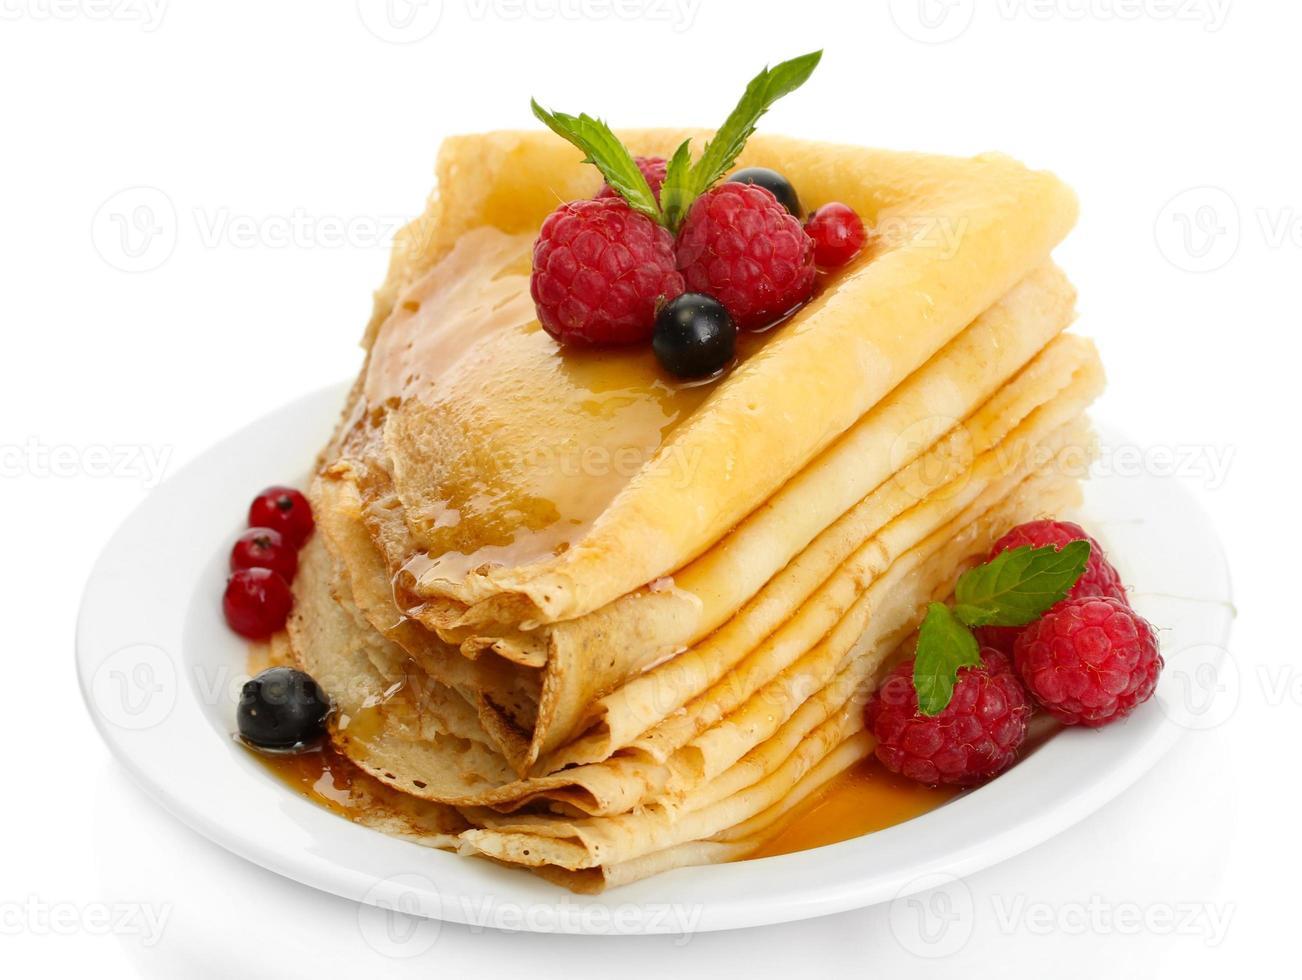 heerlijke pannenkoeken met bessen en honing op wit wordt geïsoleerd foto